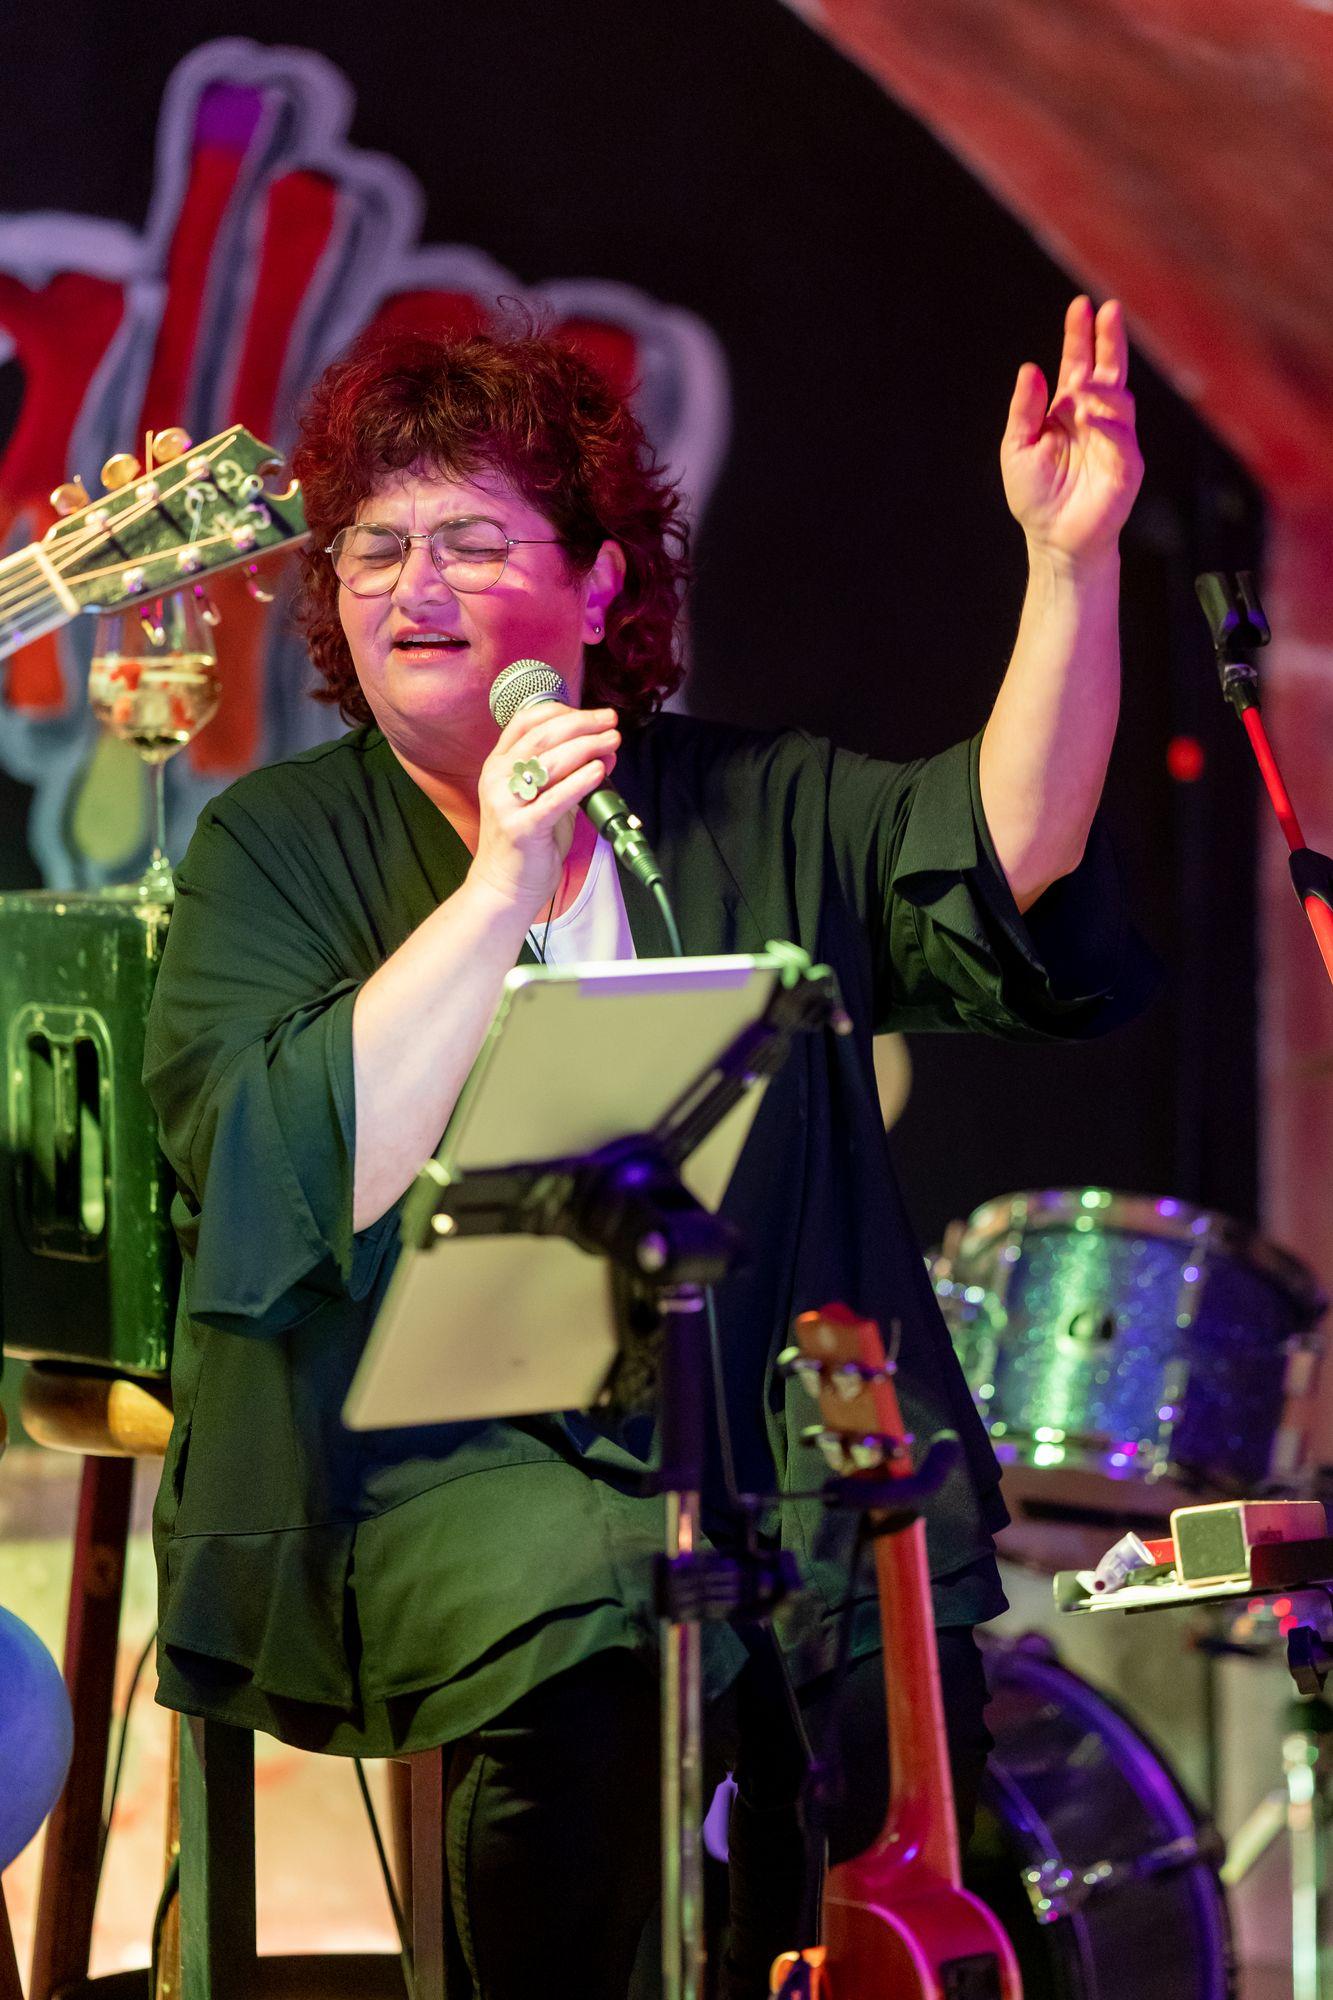 Sonja Tonn von Wulli & Sonja live im Soulhalm in Erlangen am 12. März 2020